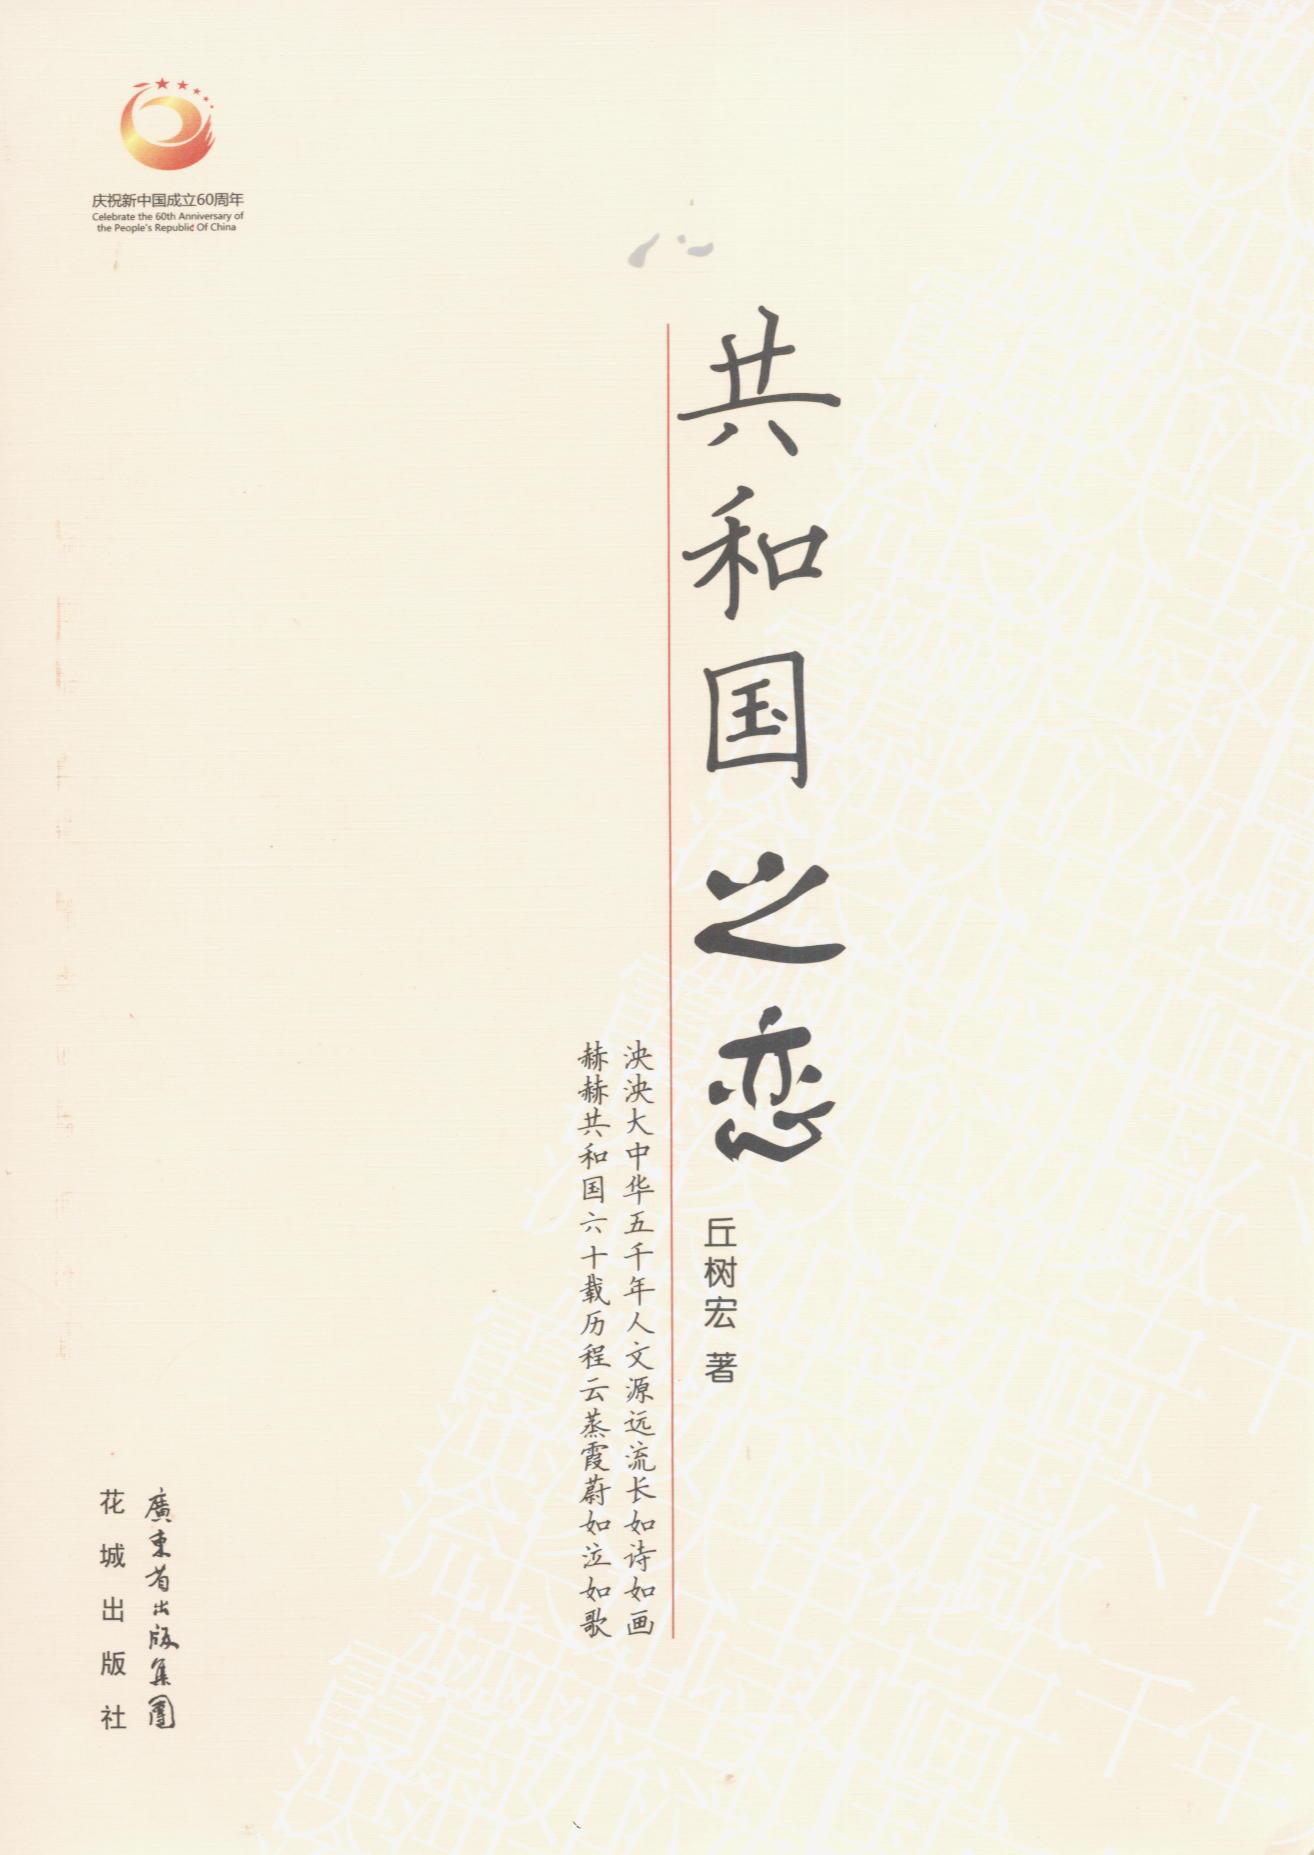 诗集封面手绘简约